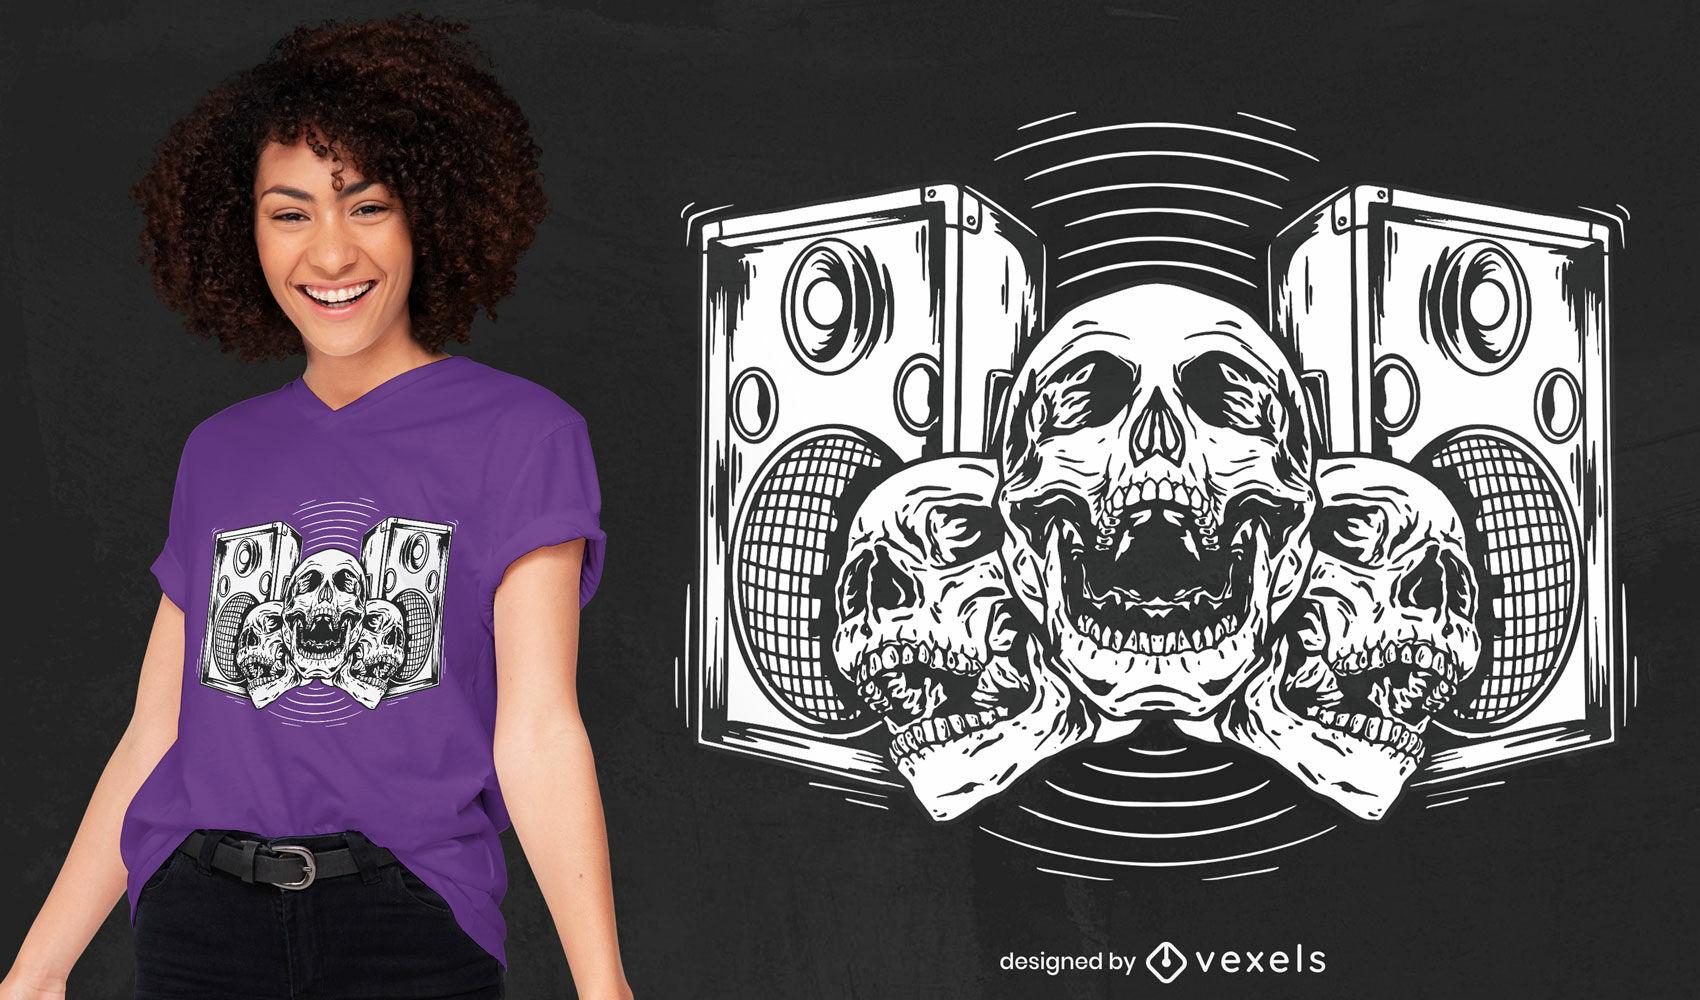 Diseño de camiseta dibujada a mano con altavoces y calaveras.